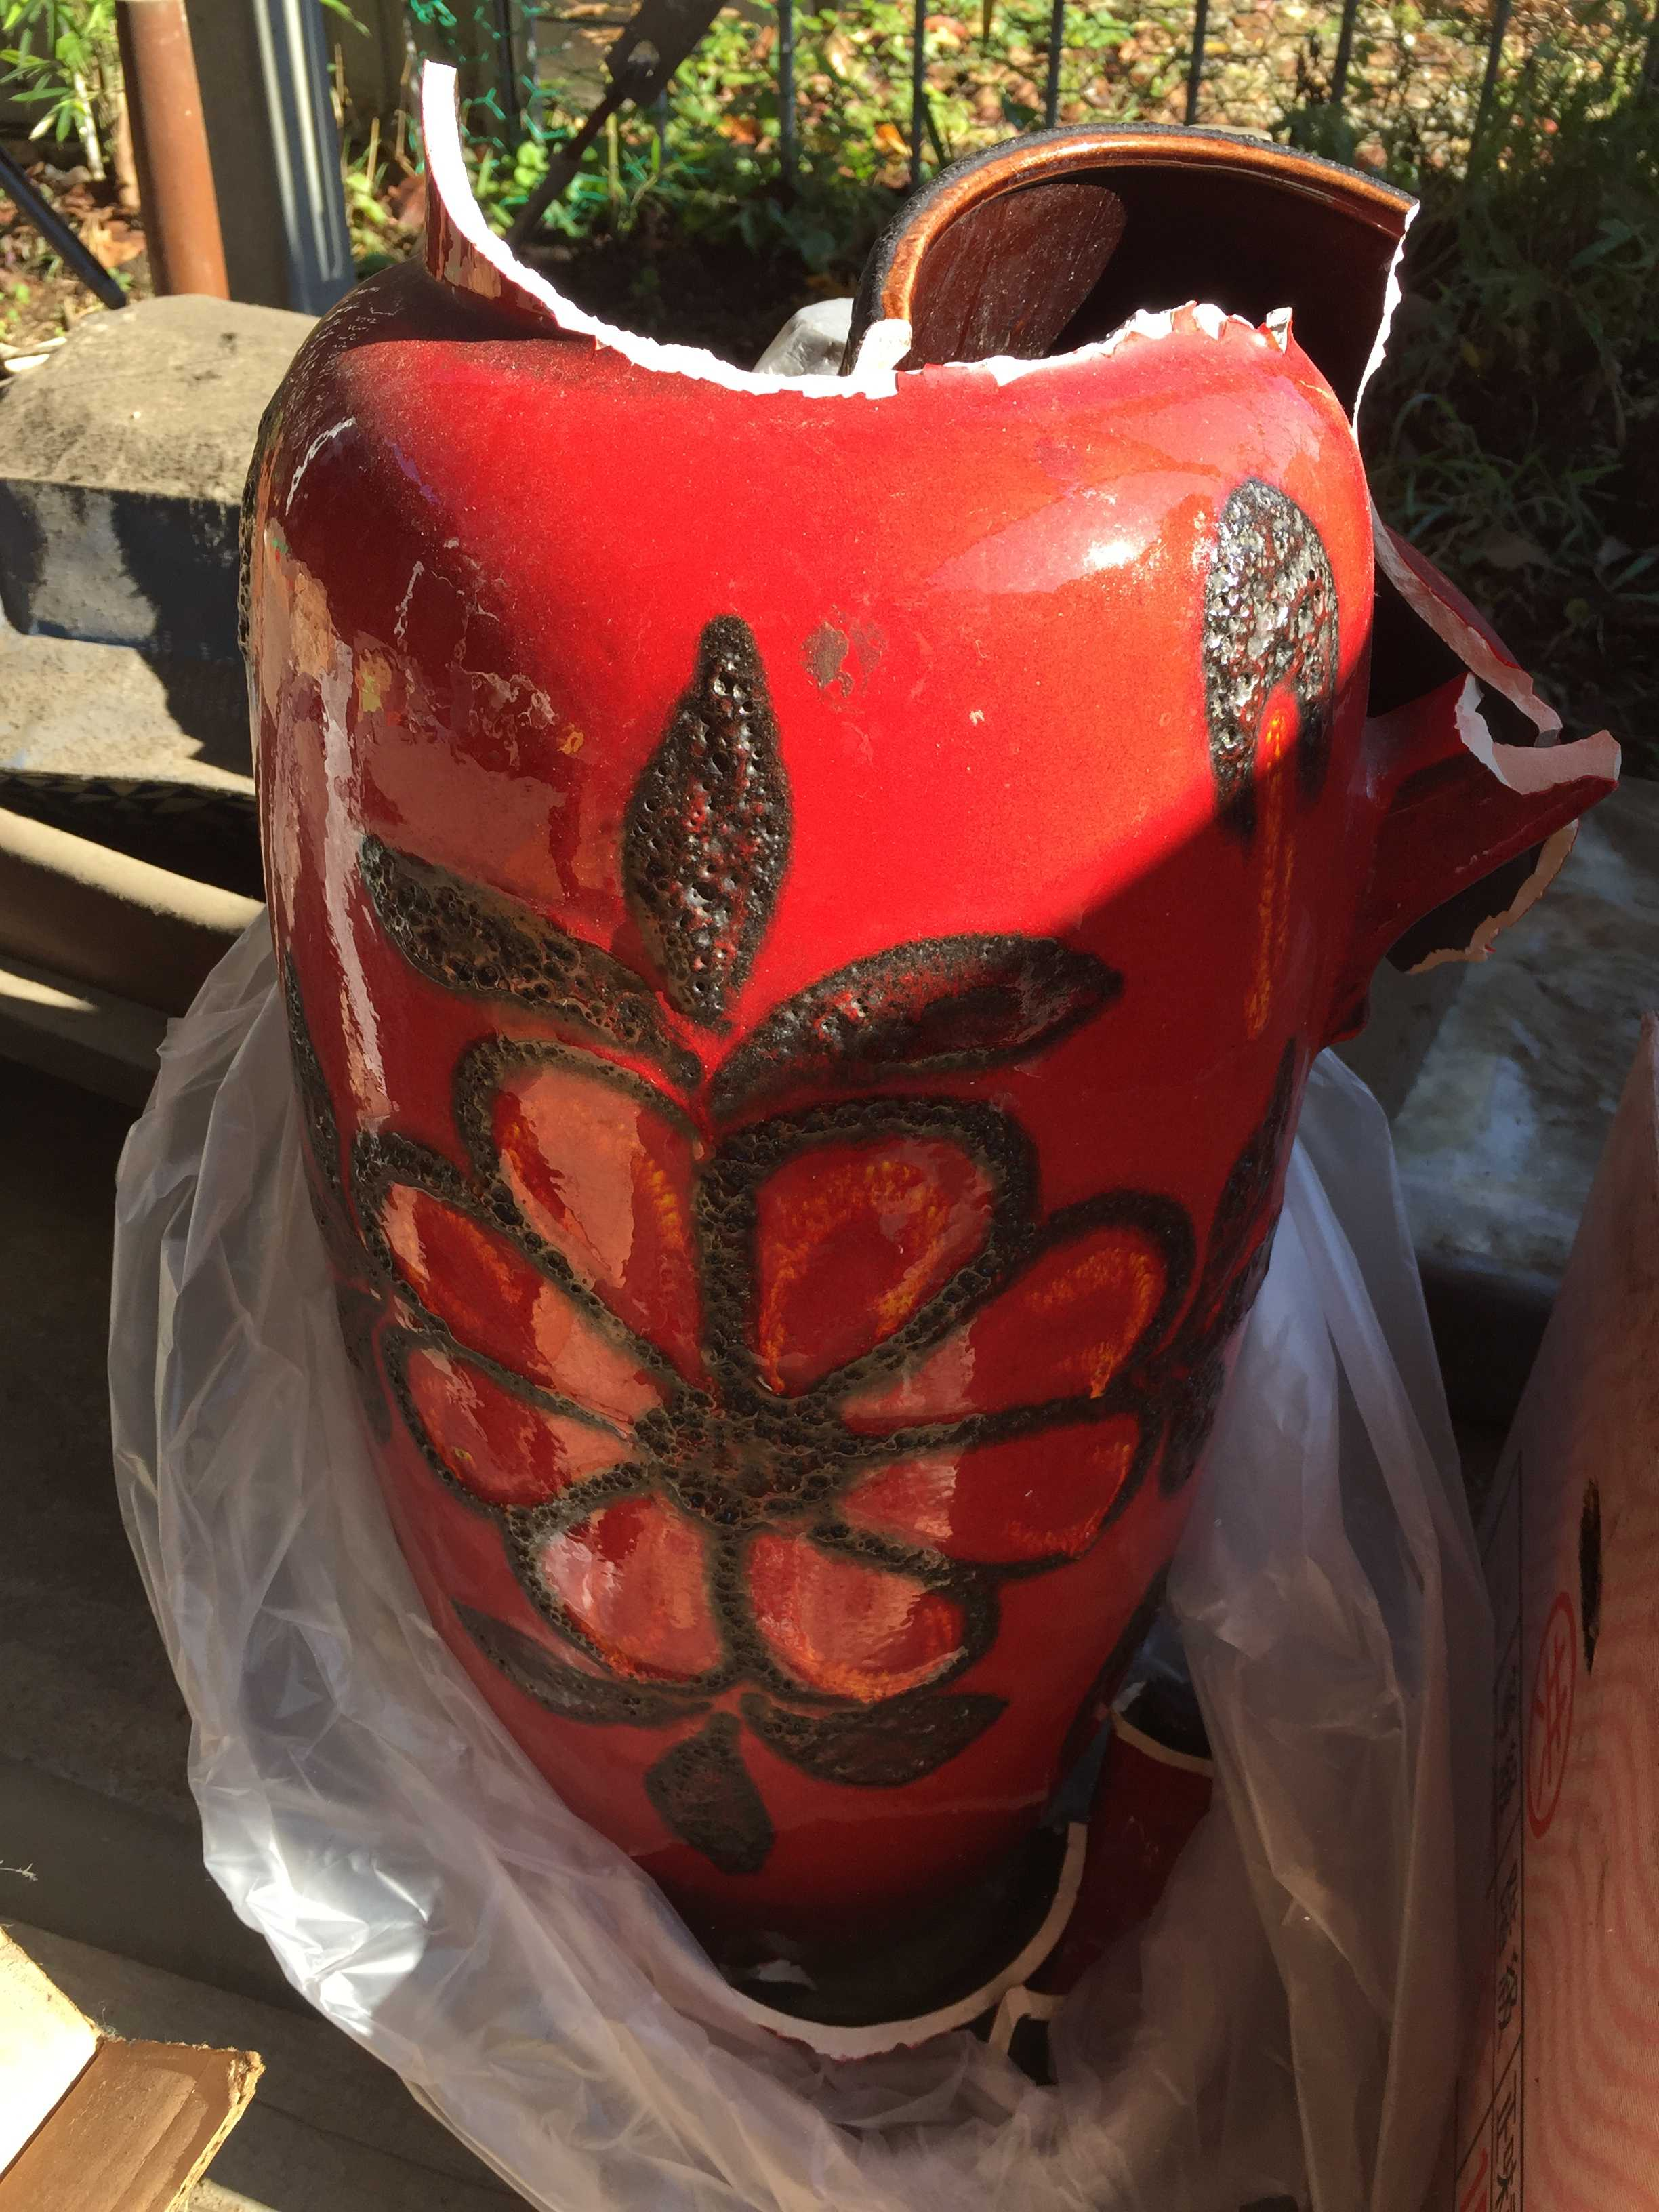 割れた大きな赤い壷